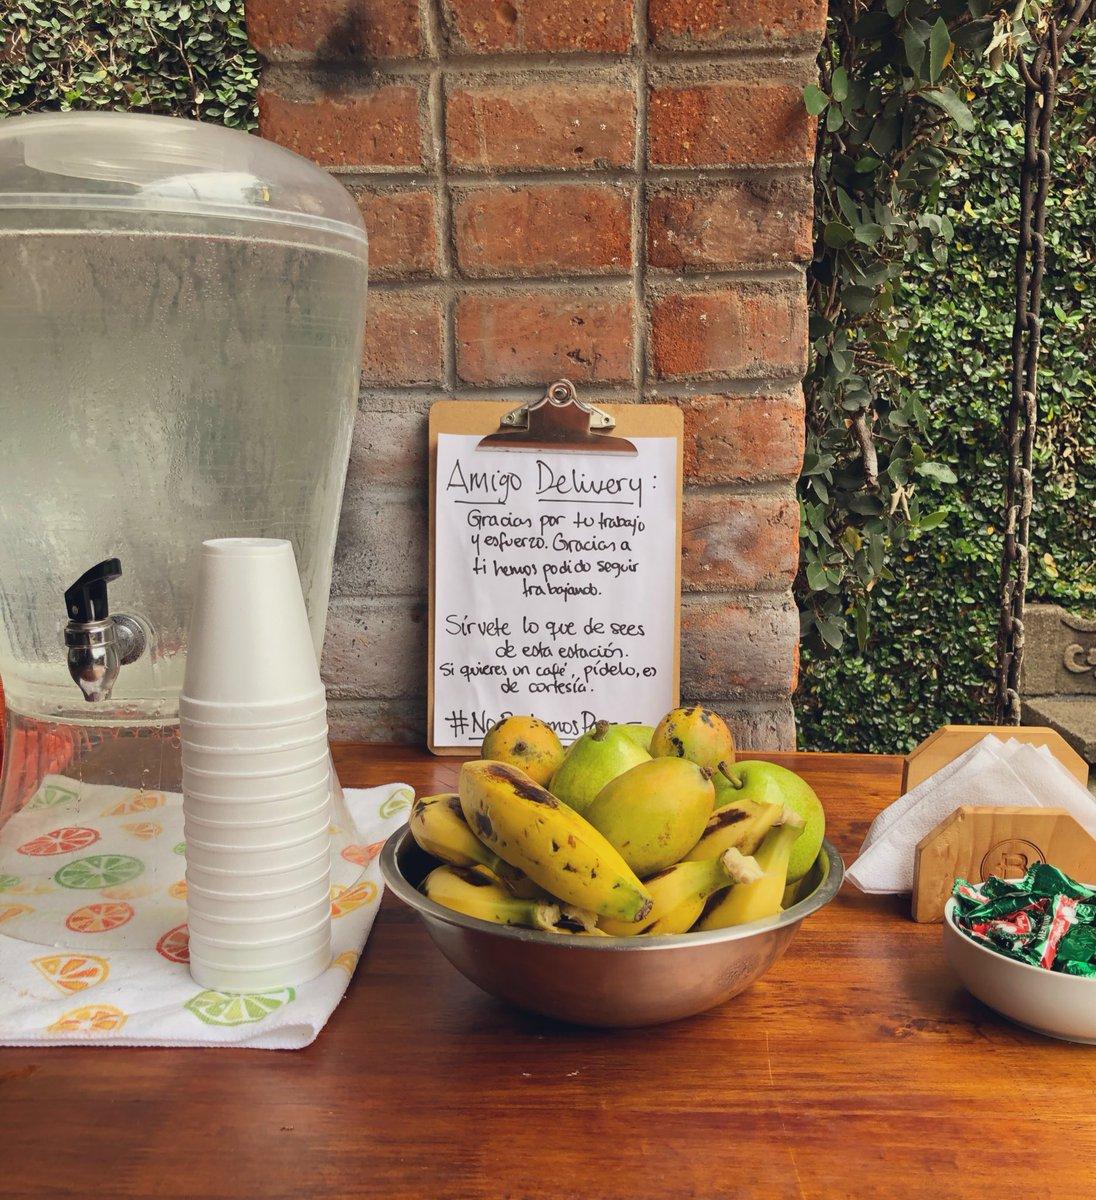 Hoy hay guineos, mangos y peras para nuestros amigos repartidores 🧡 #NoPodemosParar #EllosTampocoParan https://t.co/c9XnmZrKHF